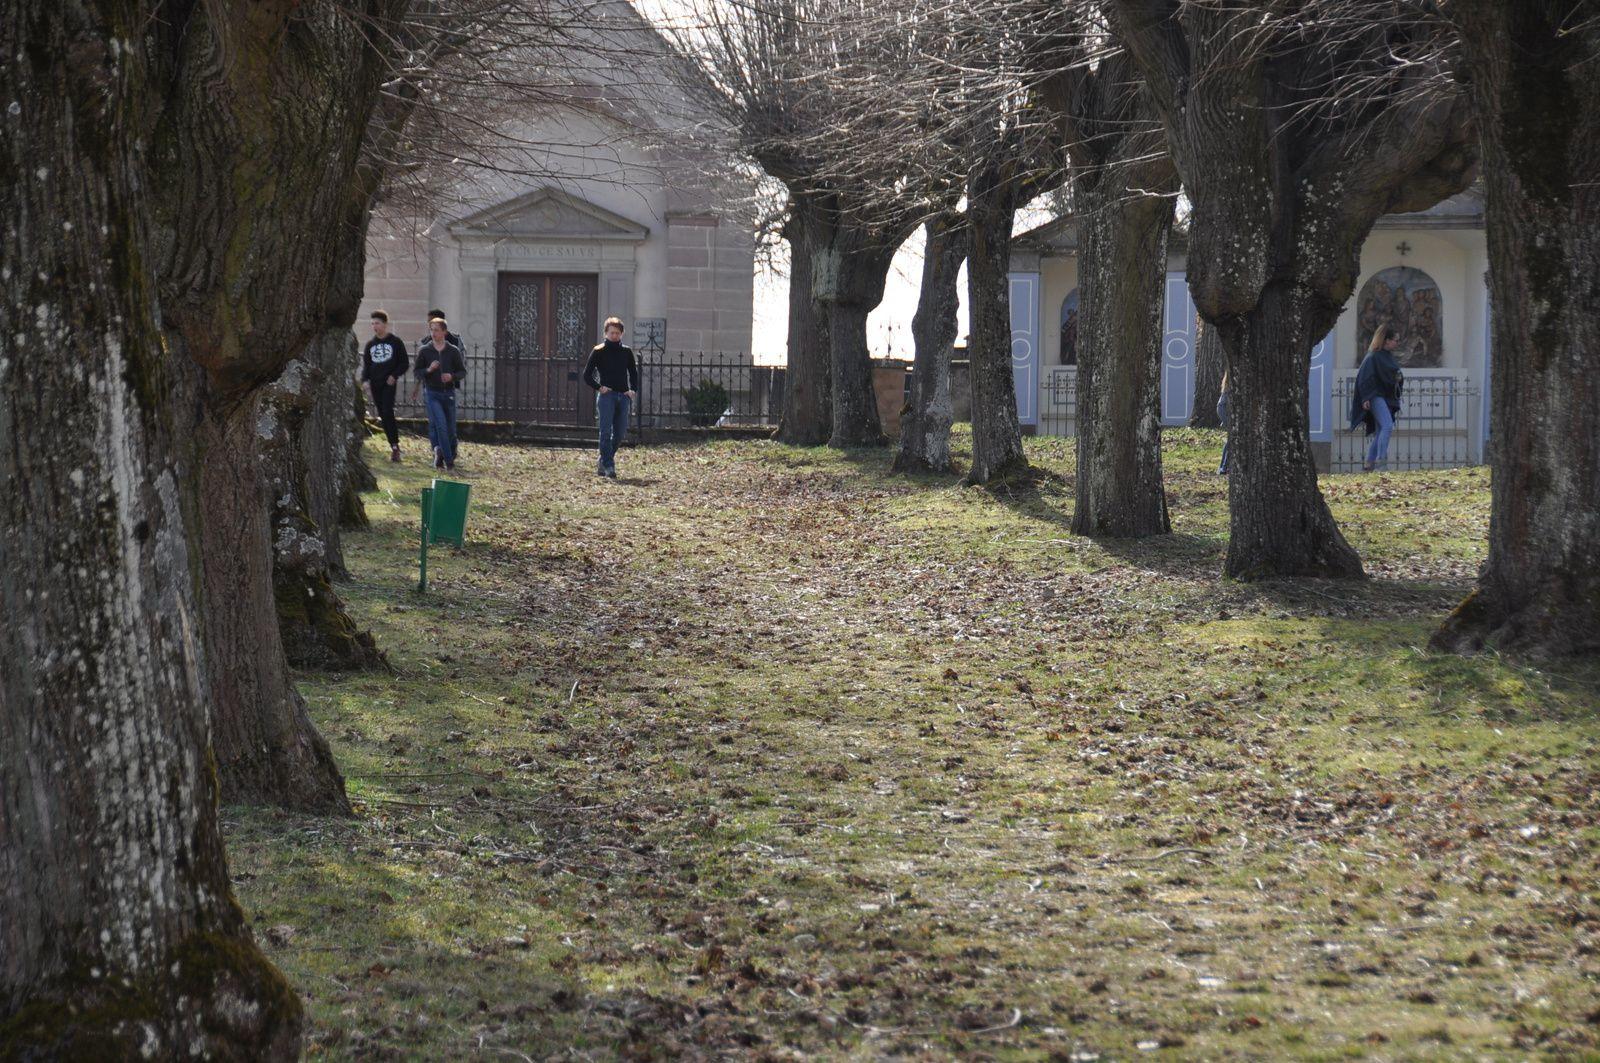 Petit jeu dans le parc du chemin de croix pour profiter du soleil après la messe.